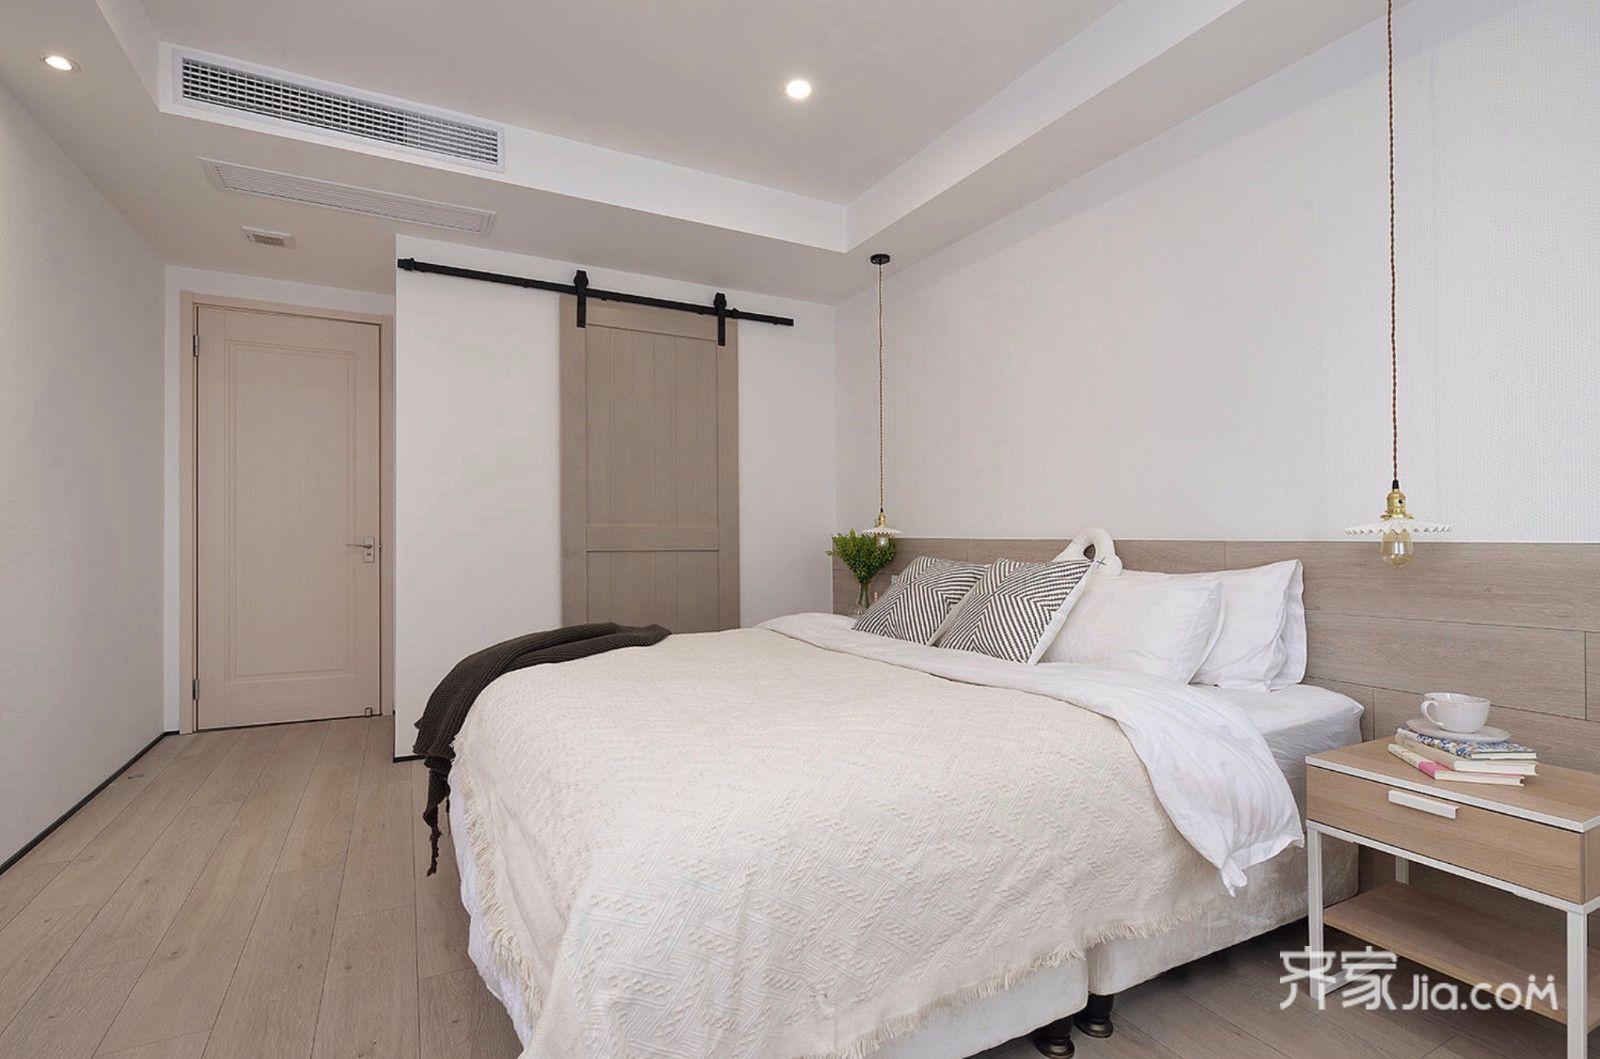 150平简约三居室装修谷仓门设计图